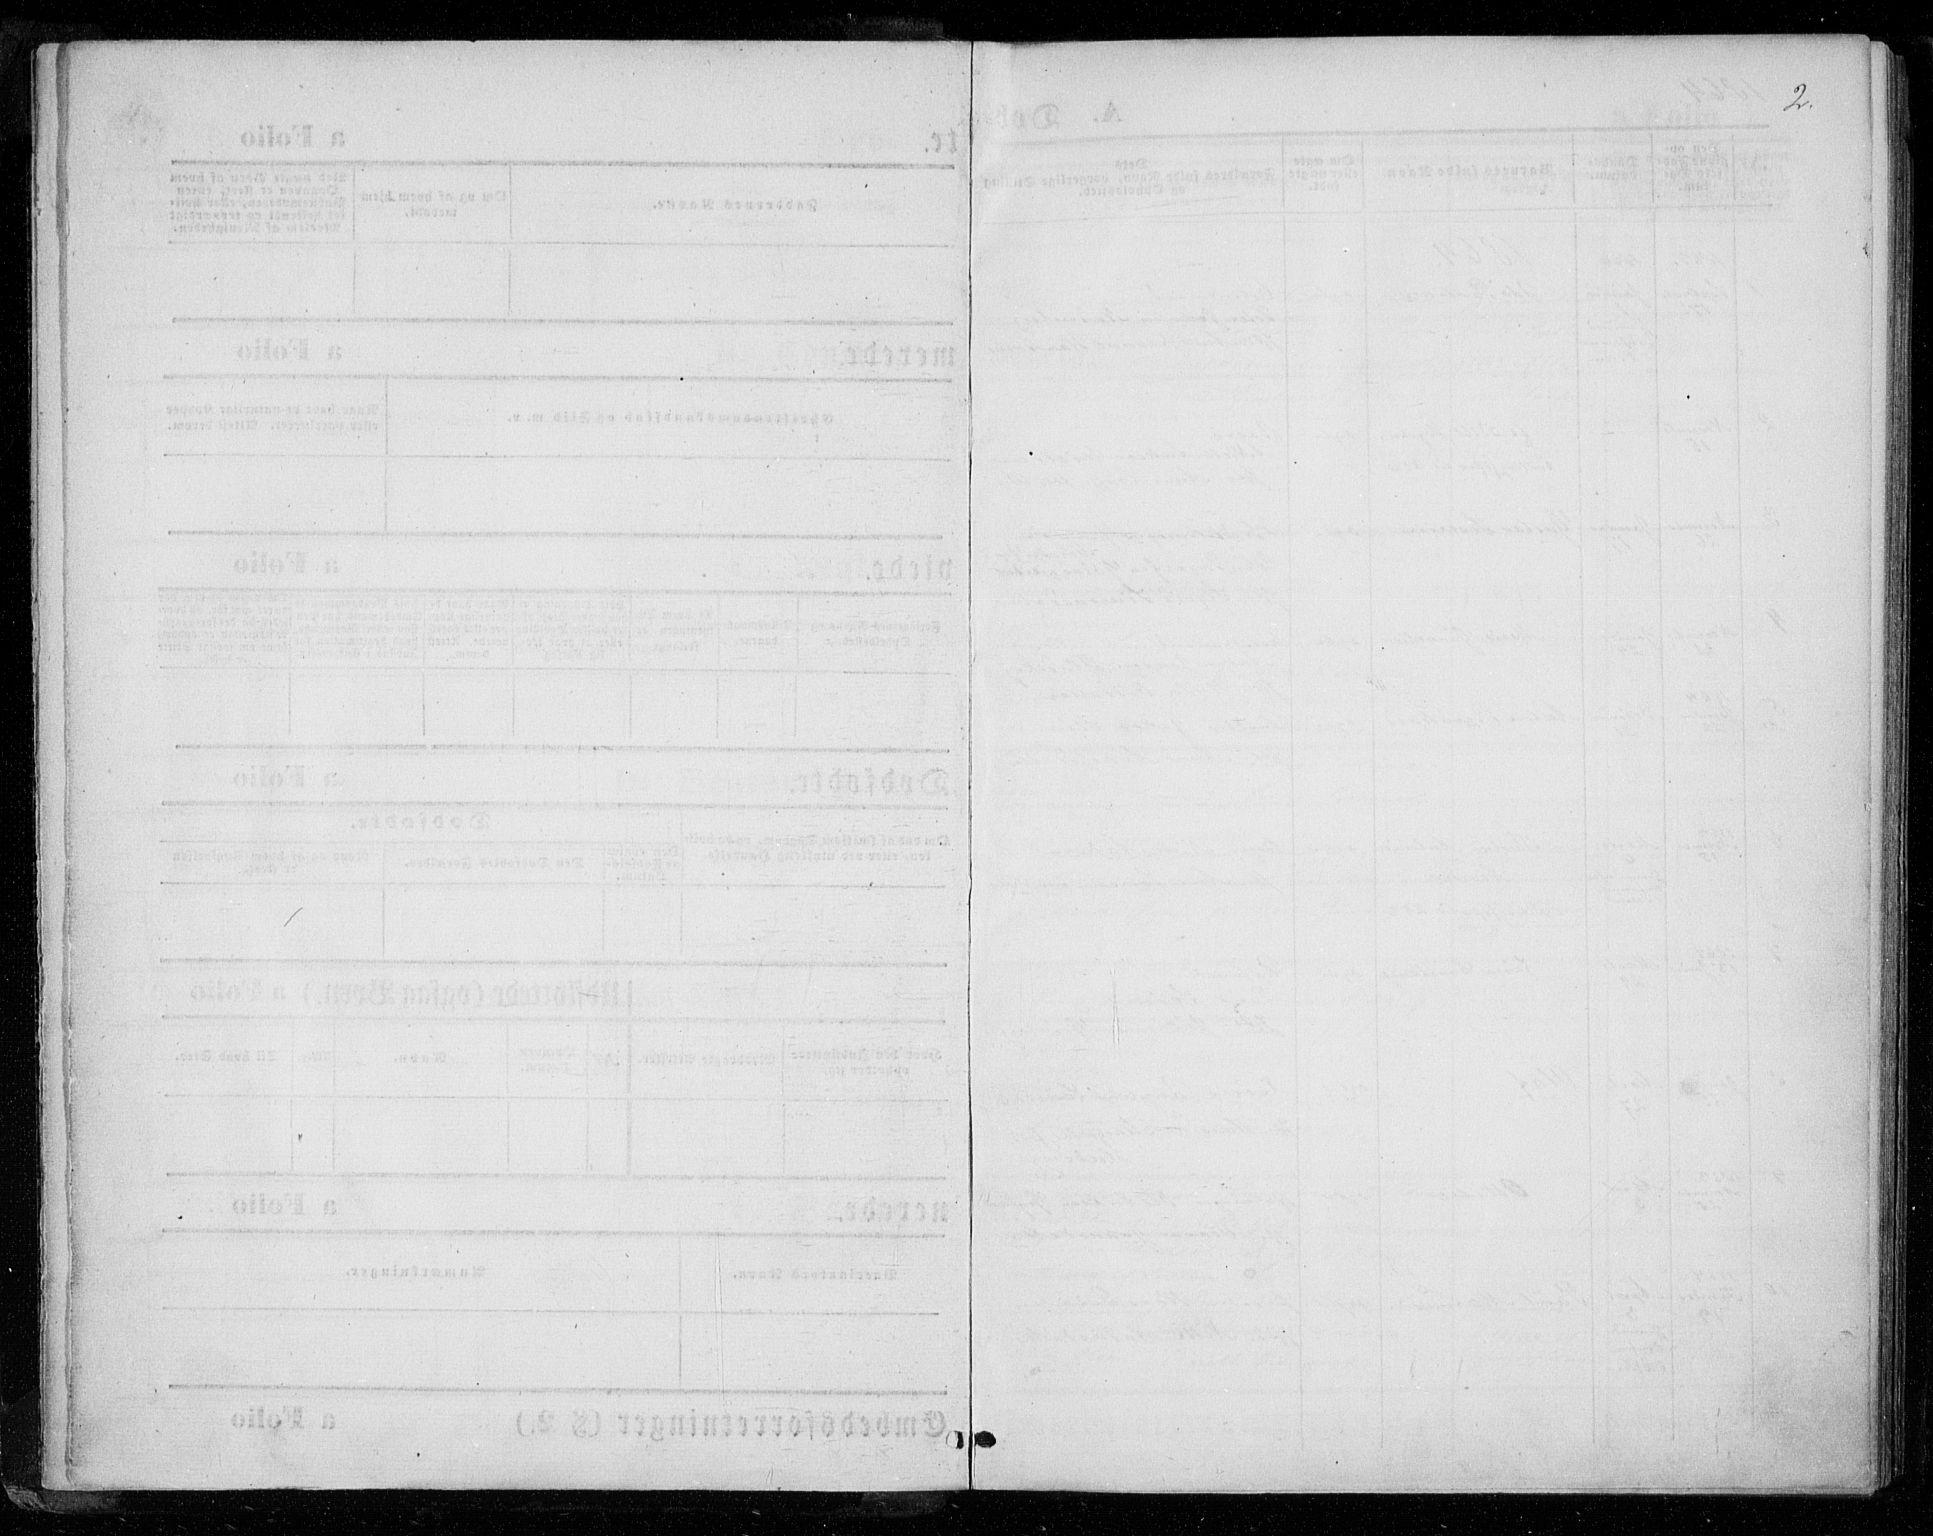 SAT, Ministerialprotokoller, klokkerbøker og fødselsregistre - Nord-Trøndelag, 720/L0186: Ministerialbok nr. 720A03, 1864-1874, s. 2